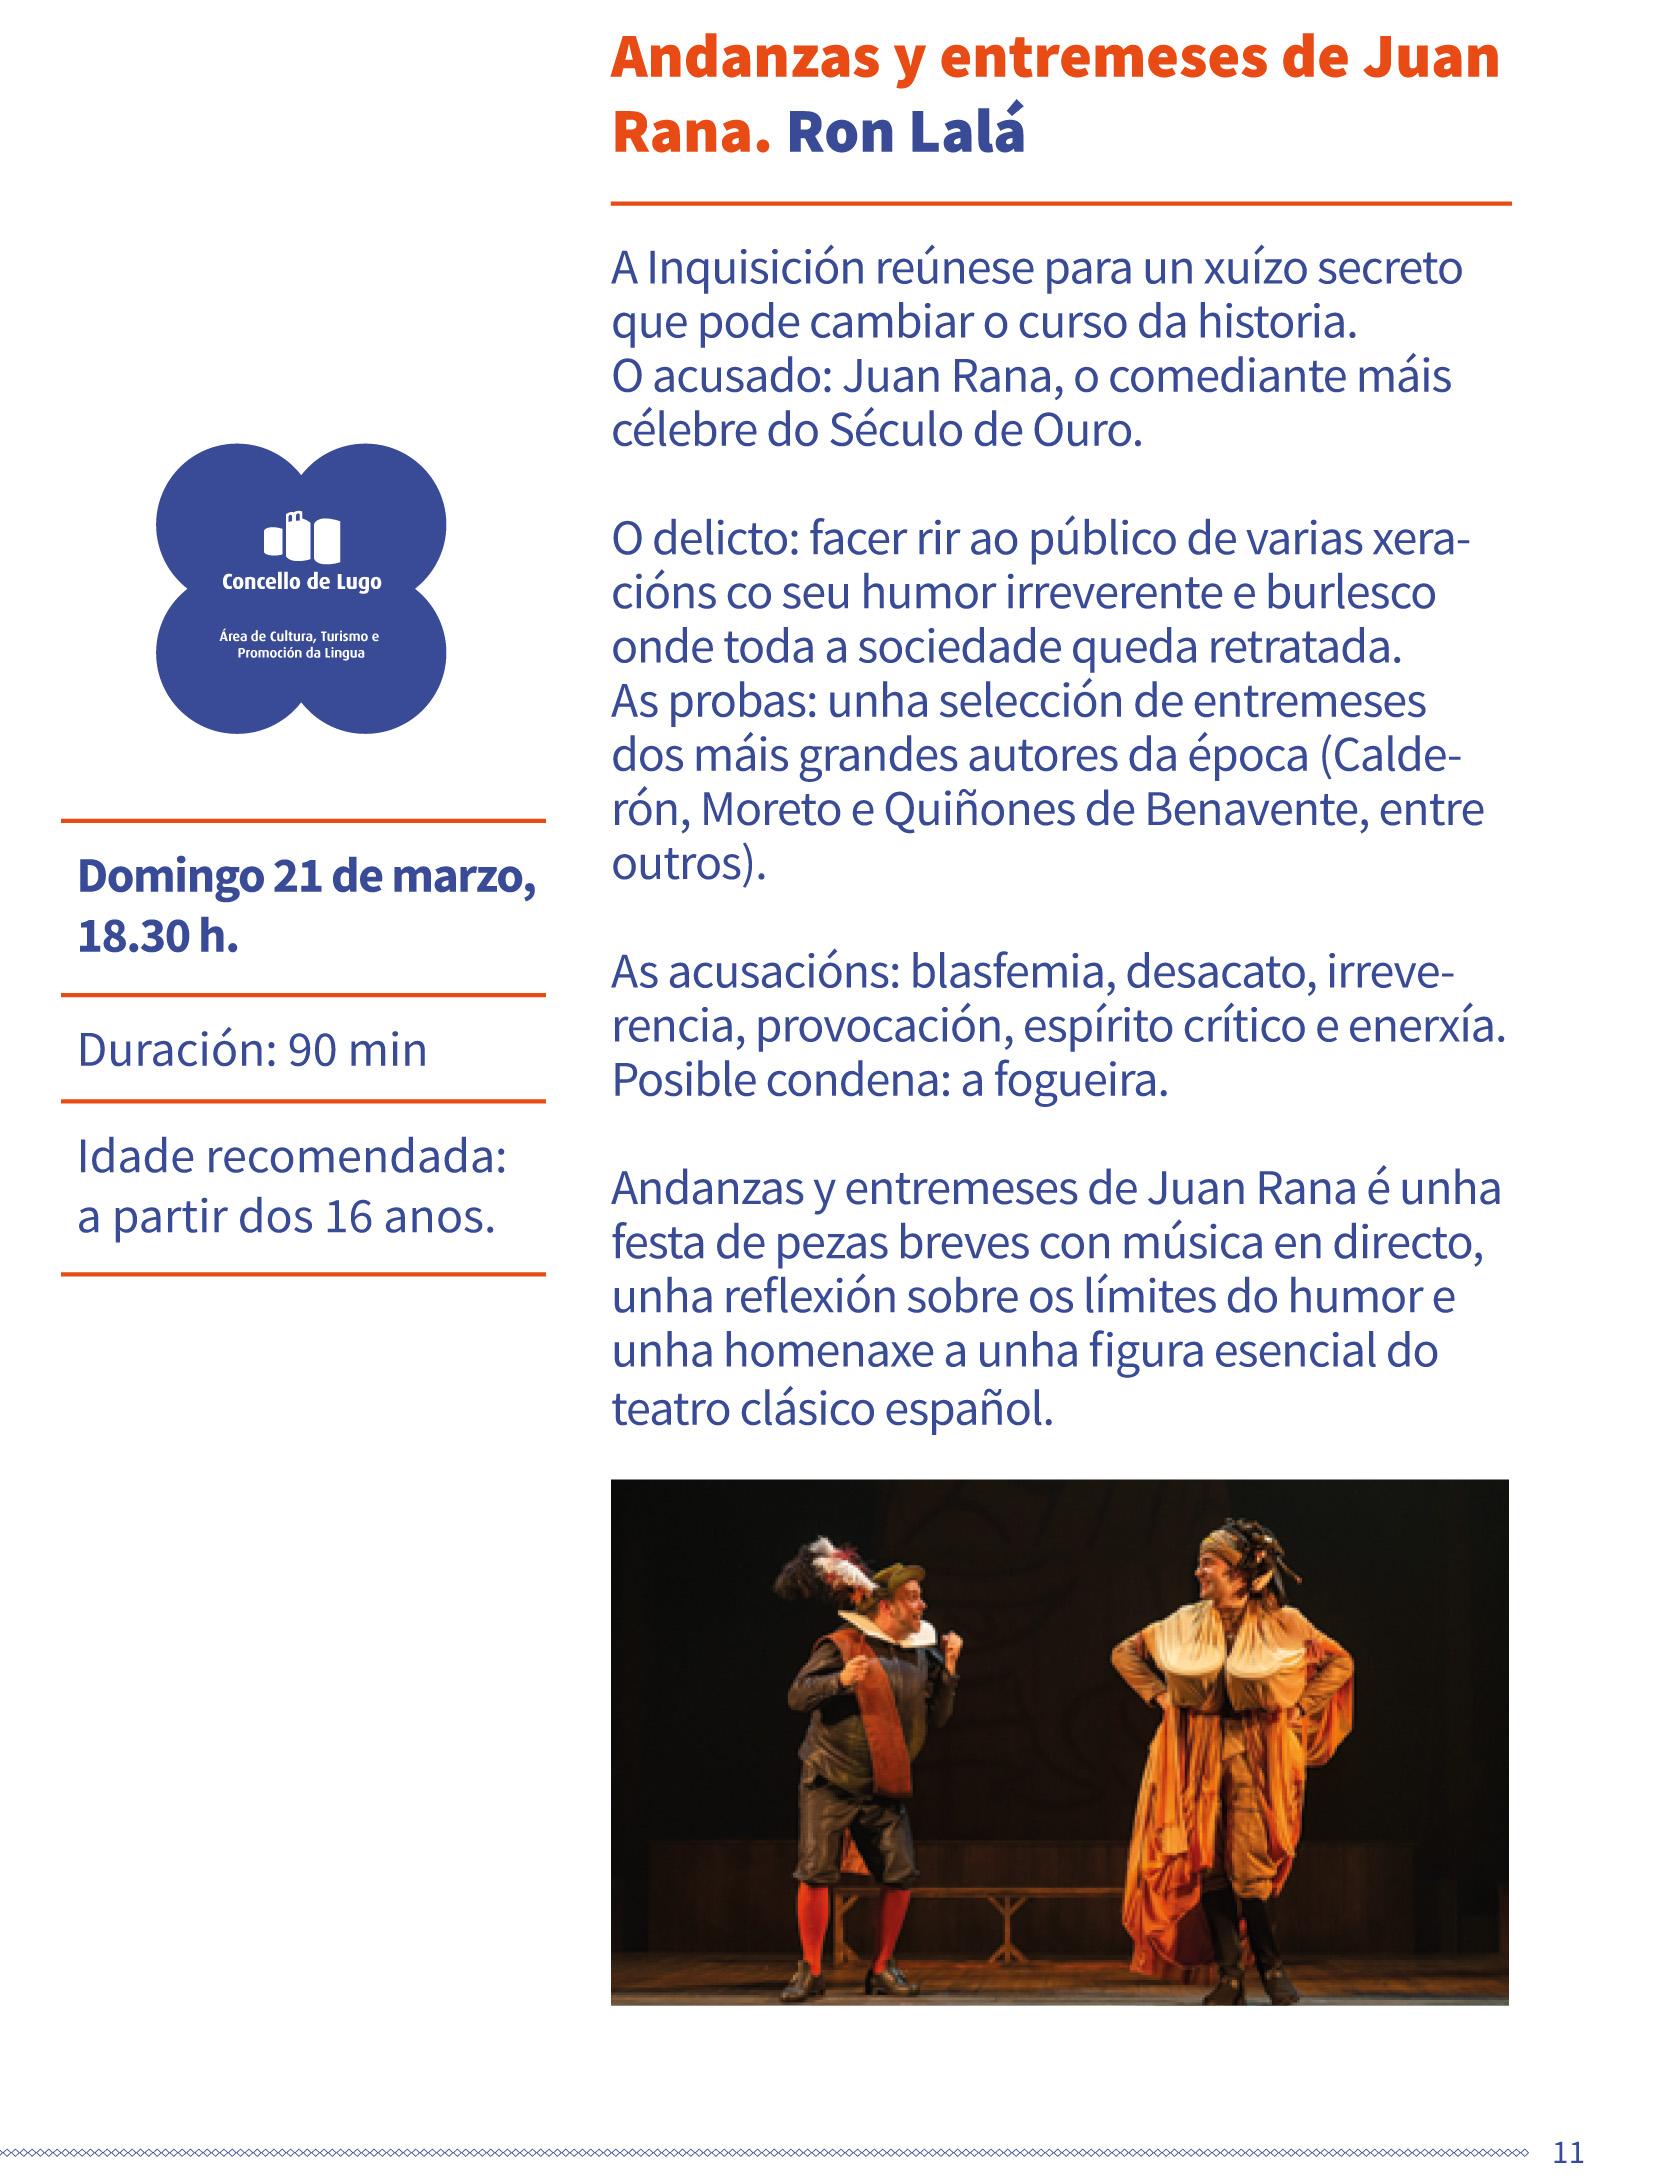 Teatro clásico - Andanzas y entremeses de Juan Rana